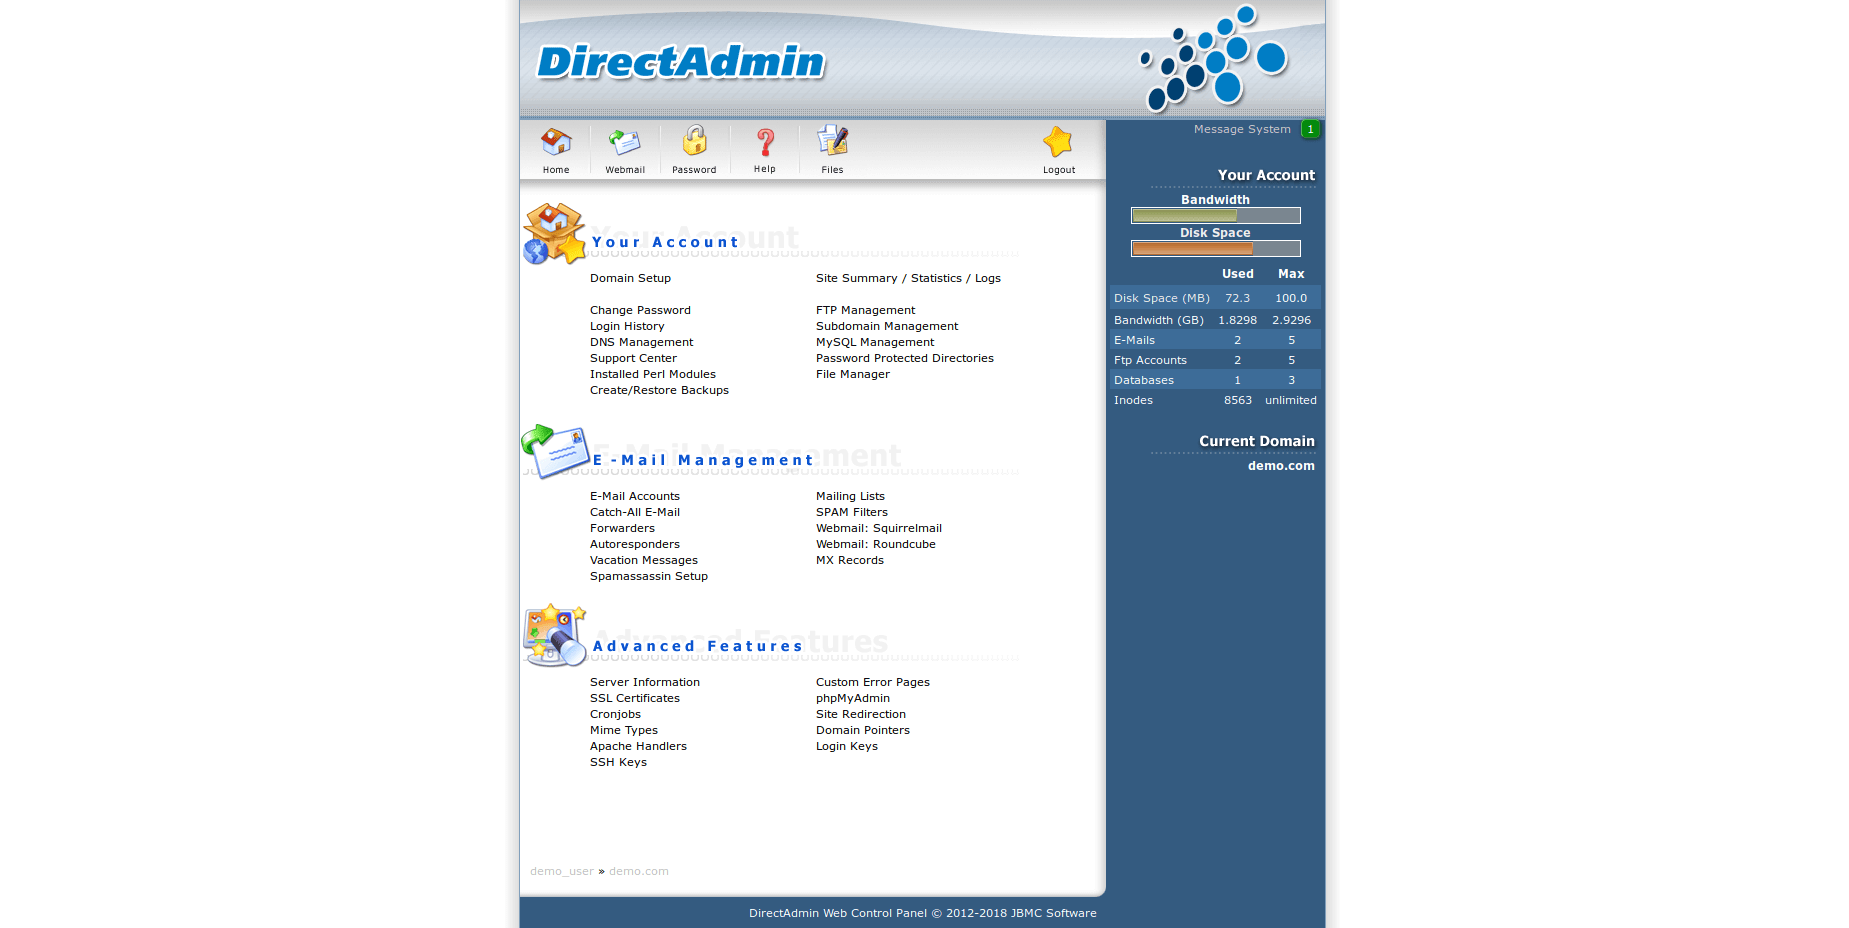 DirectAdmin websites view